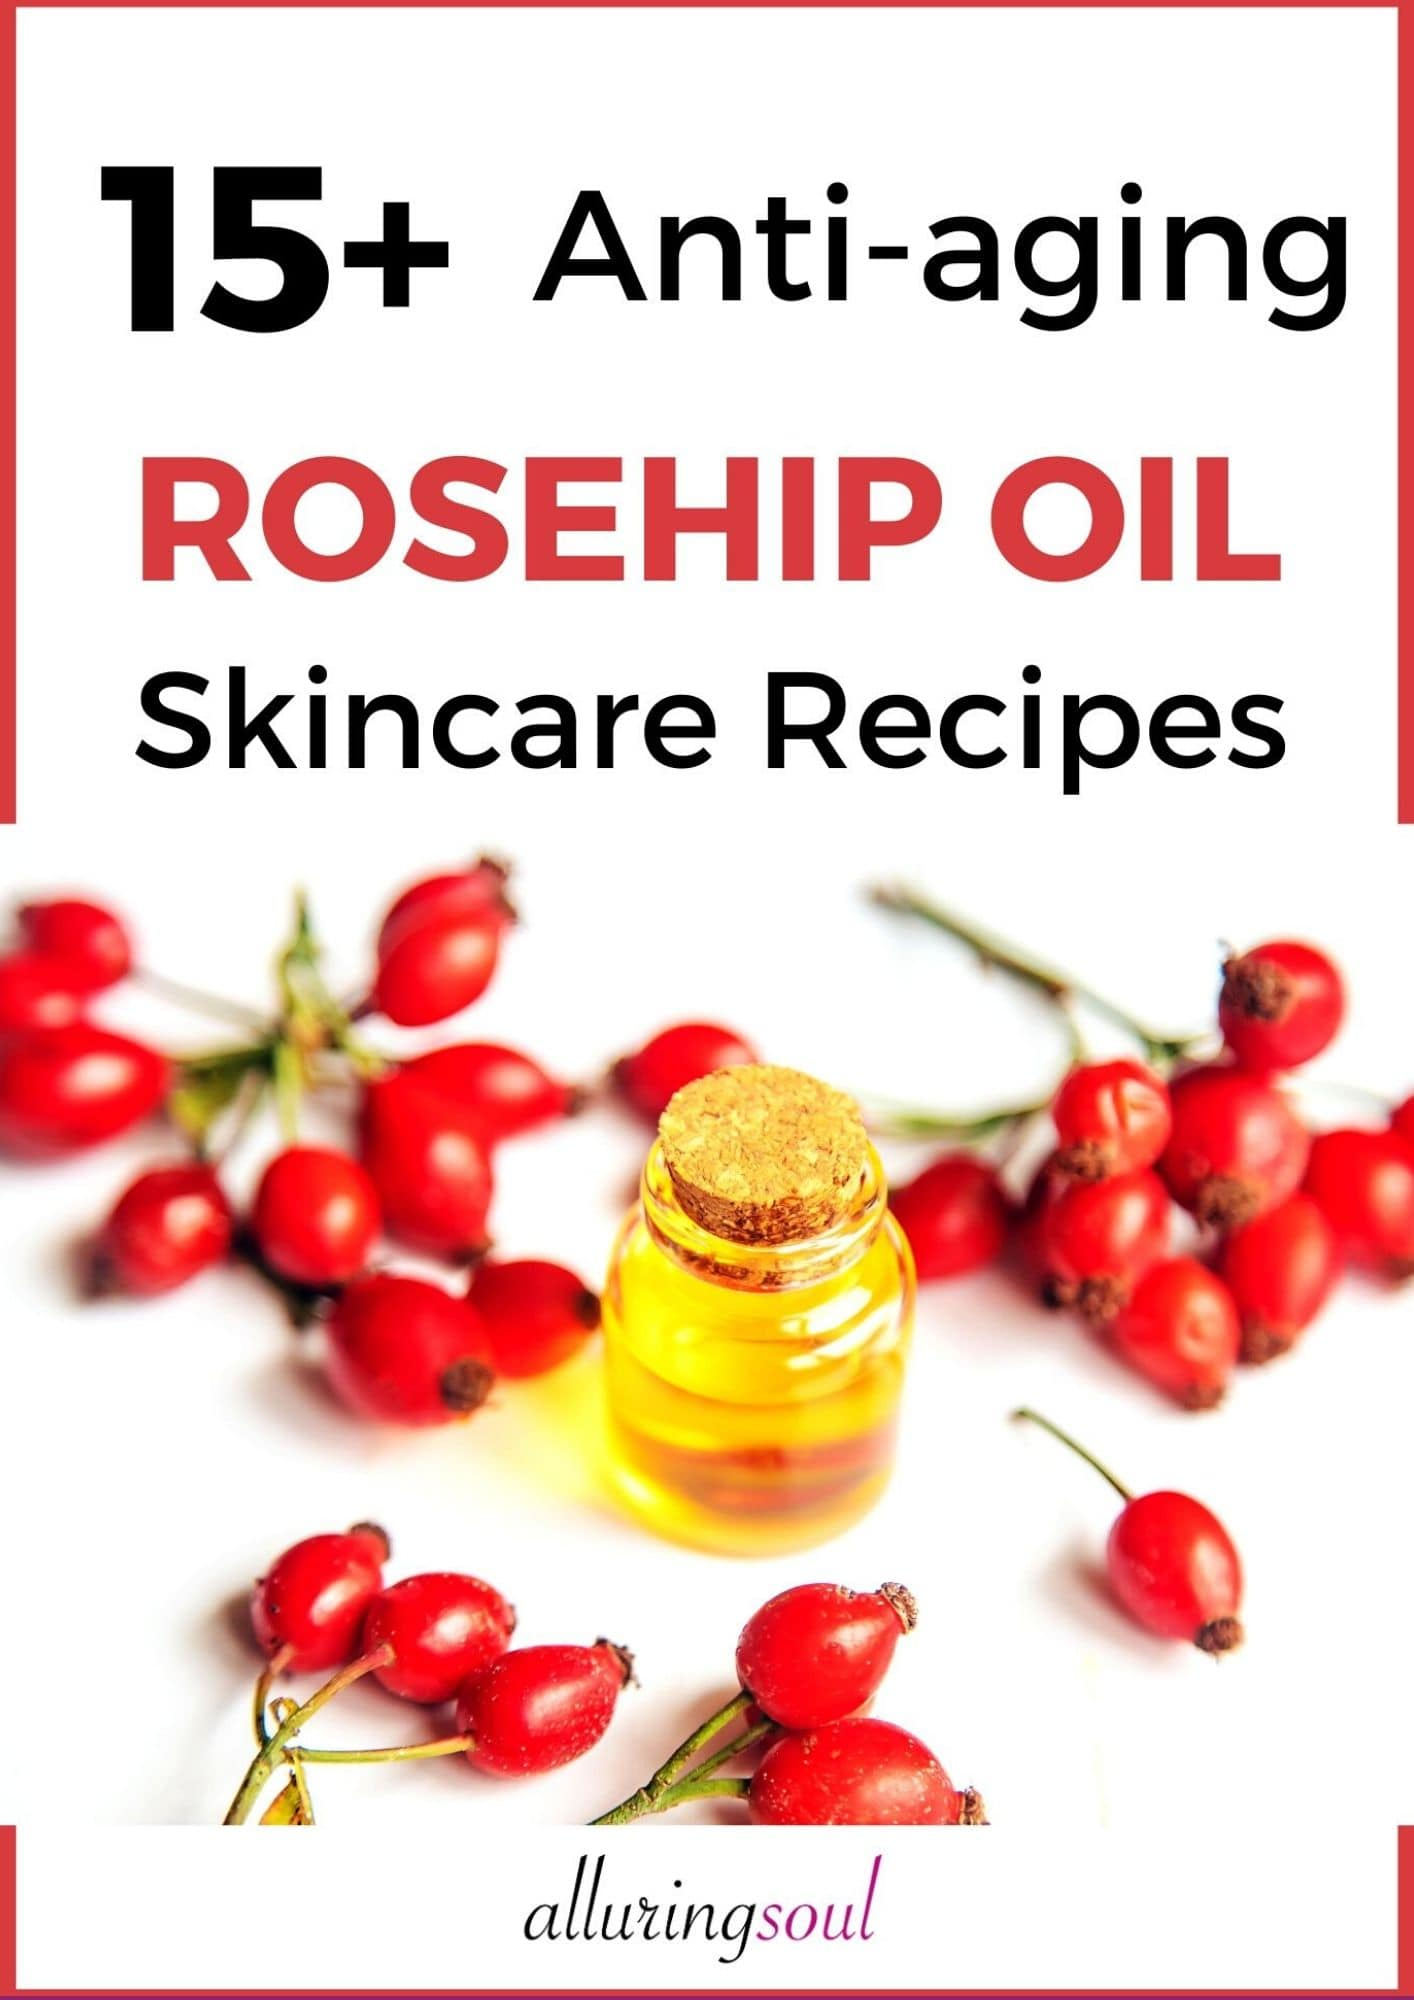 15+ Anti Aging Rosehip Oil Skincare Recipes